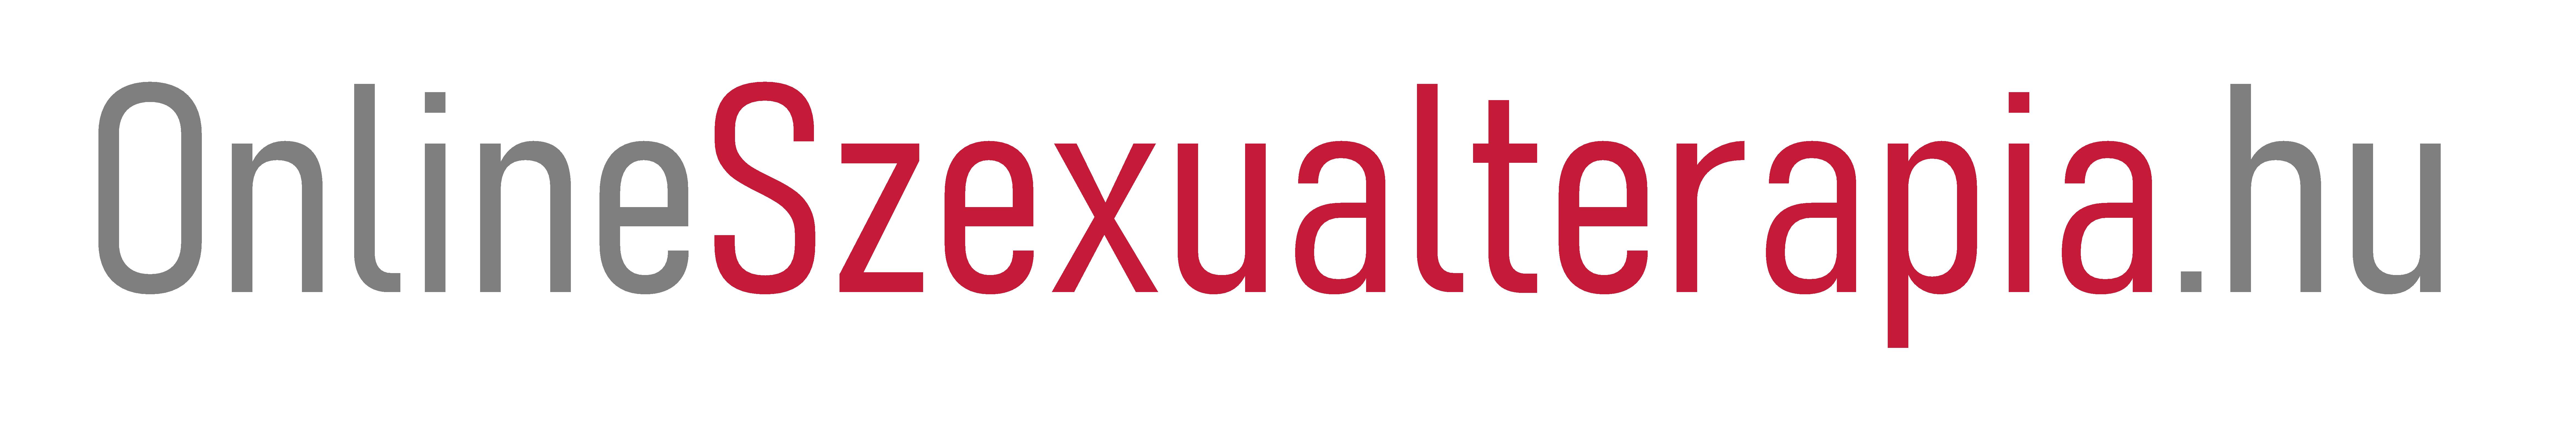 Online Szexuálterápia